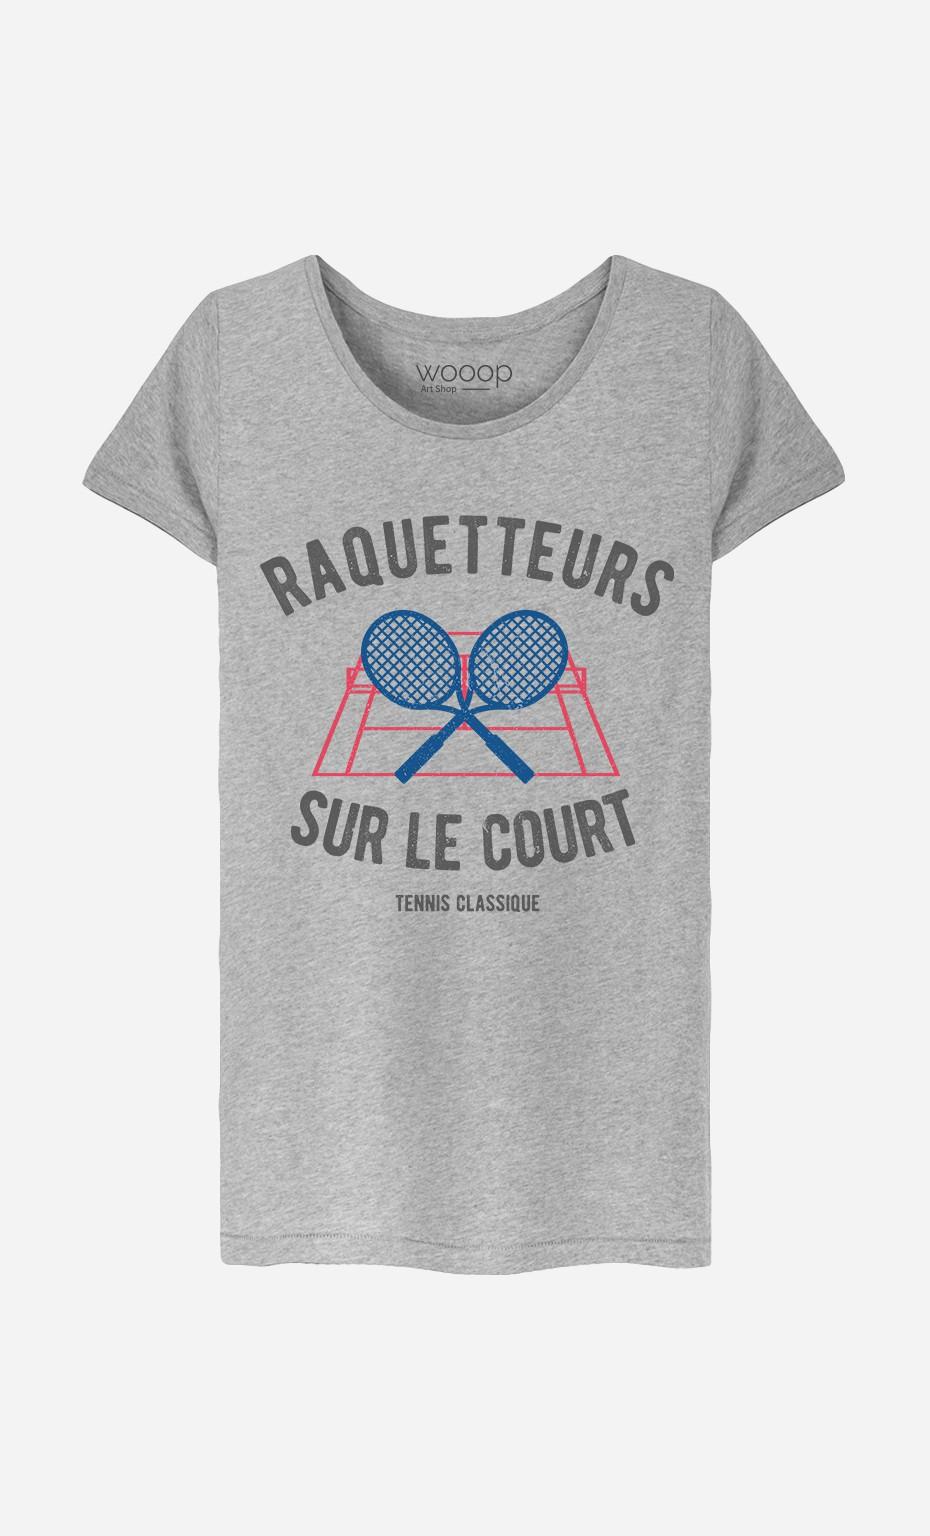 T-Shirt Raquetteurs sur Le Court